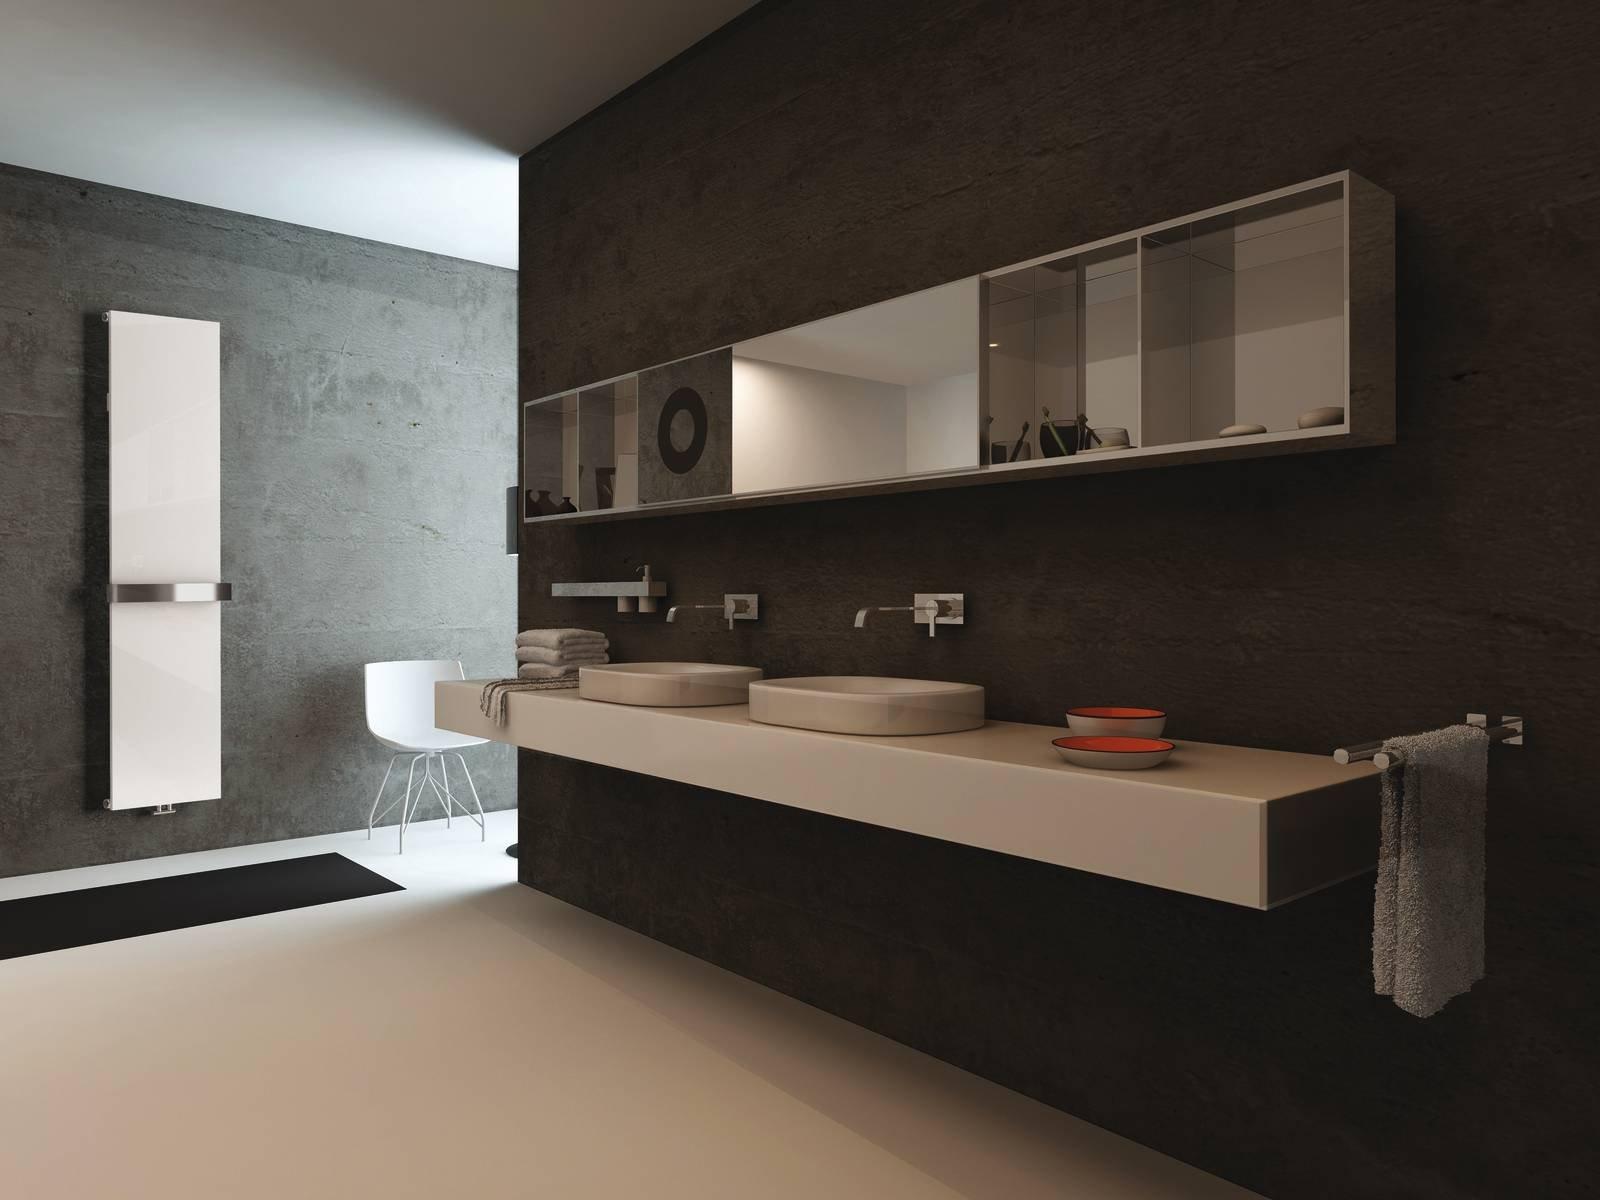 Termoarredo: tra estetica e funzione, le proposte dal design più ...